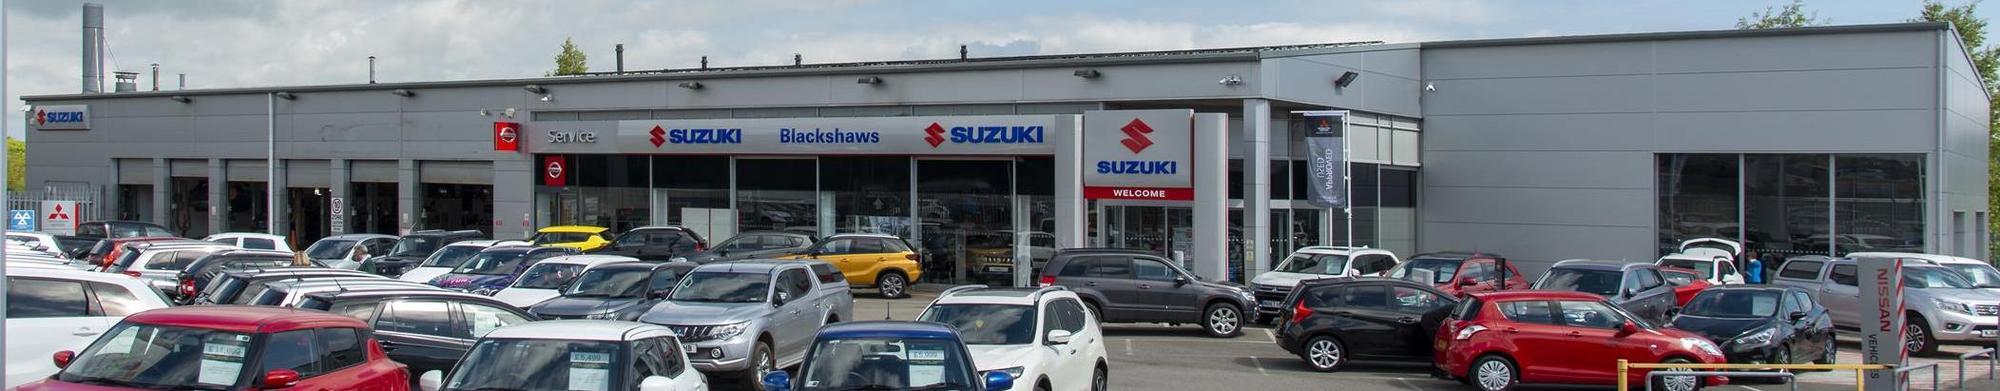 Suzuki Car Dealership >> Blackshaws New Mitsubishi Suzuki Car Dealership